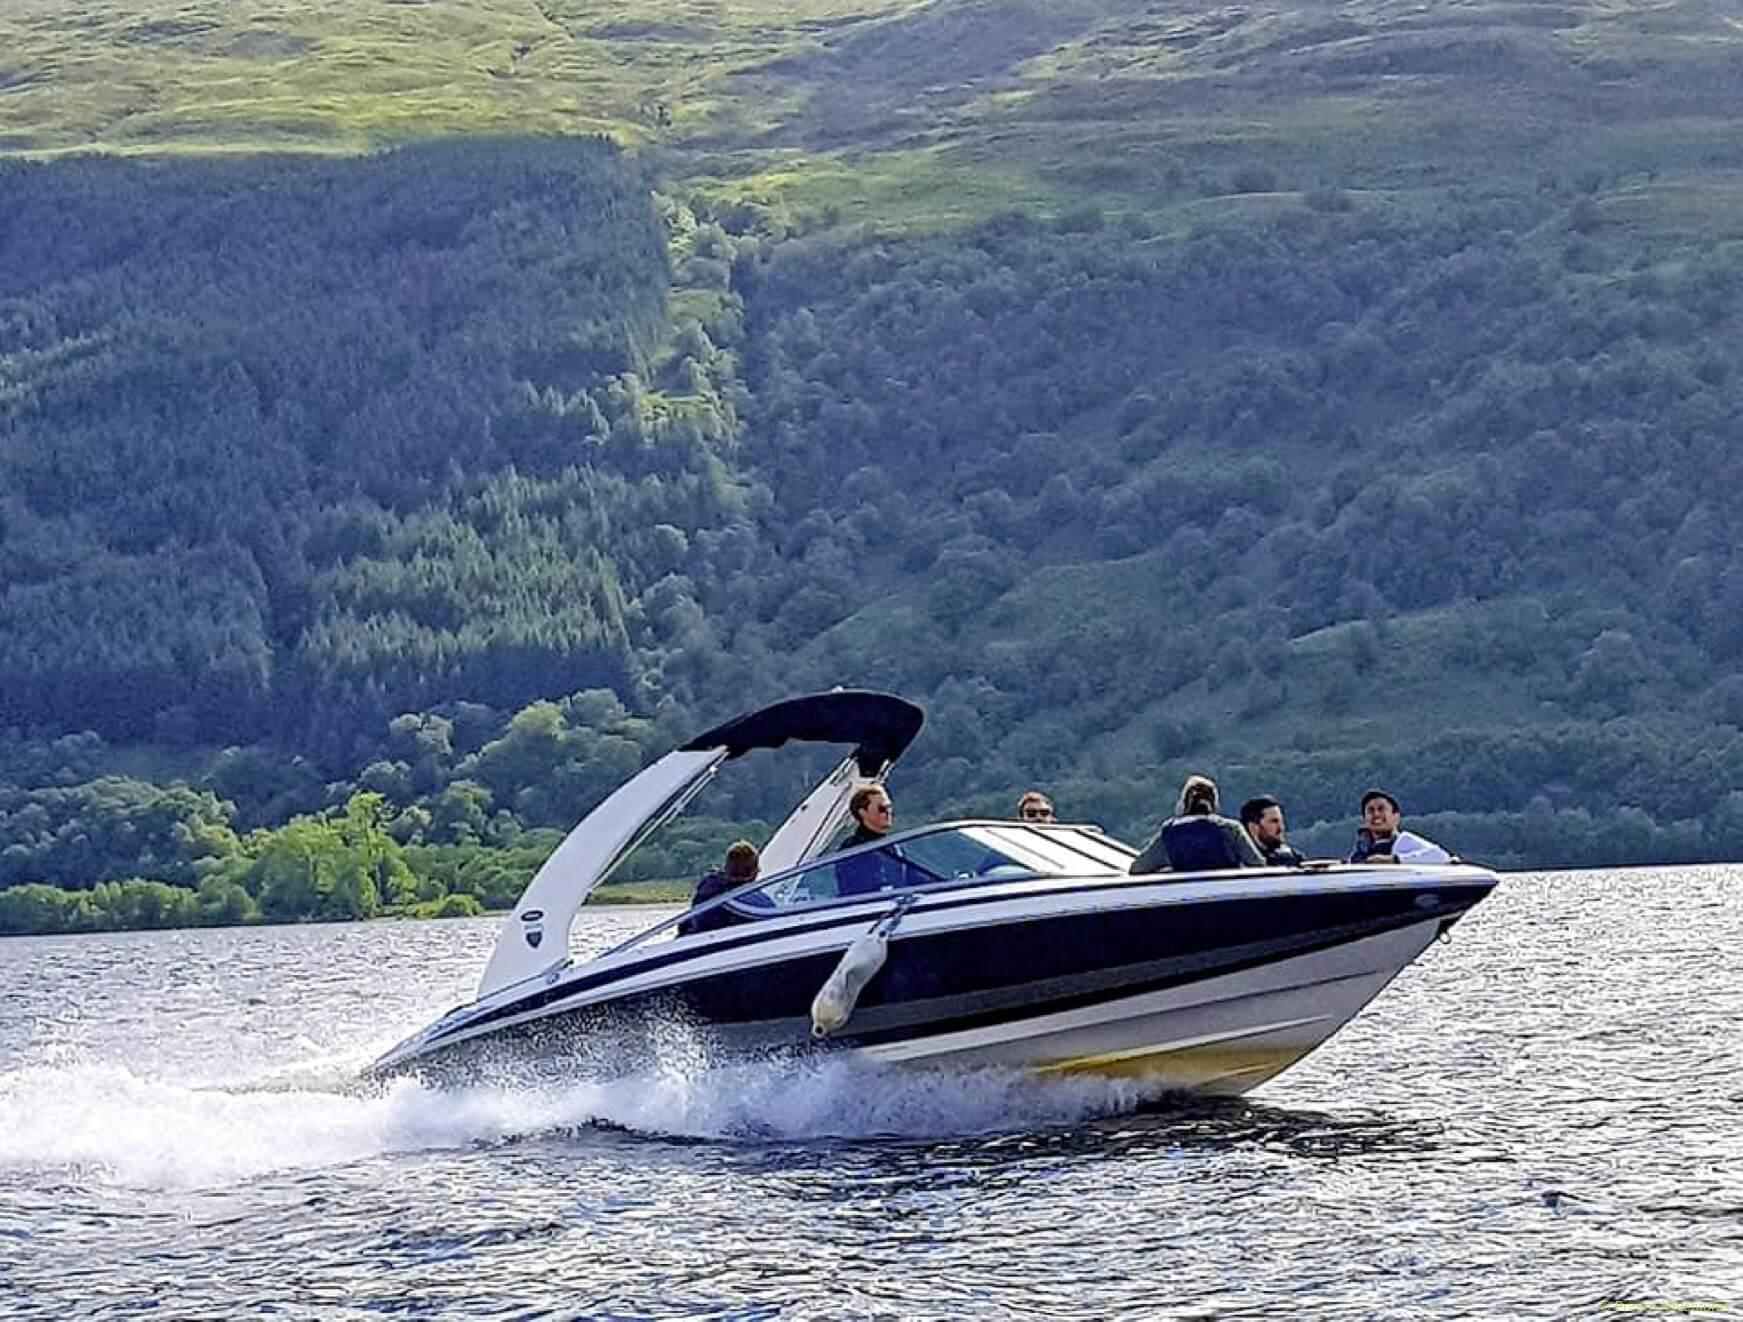 People on Speedboat